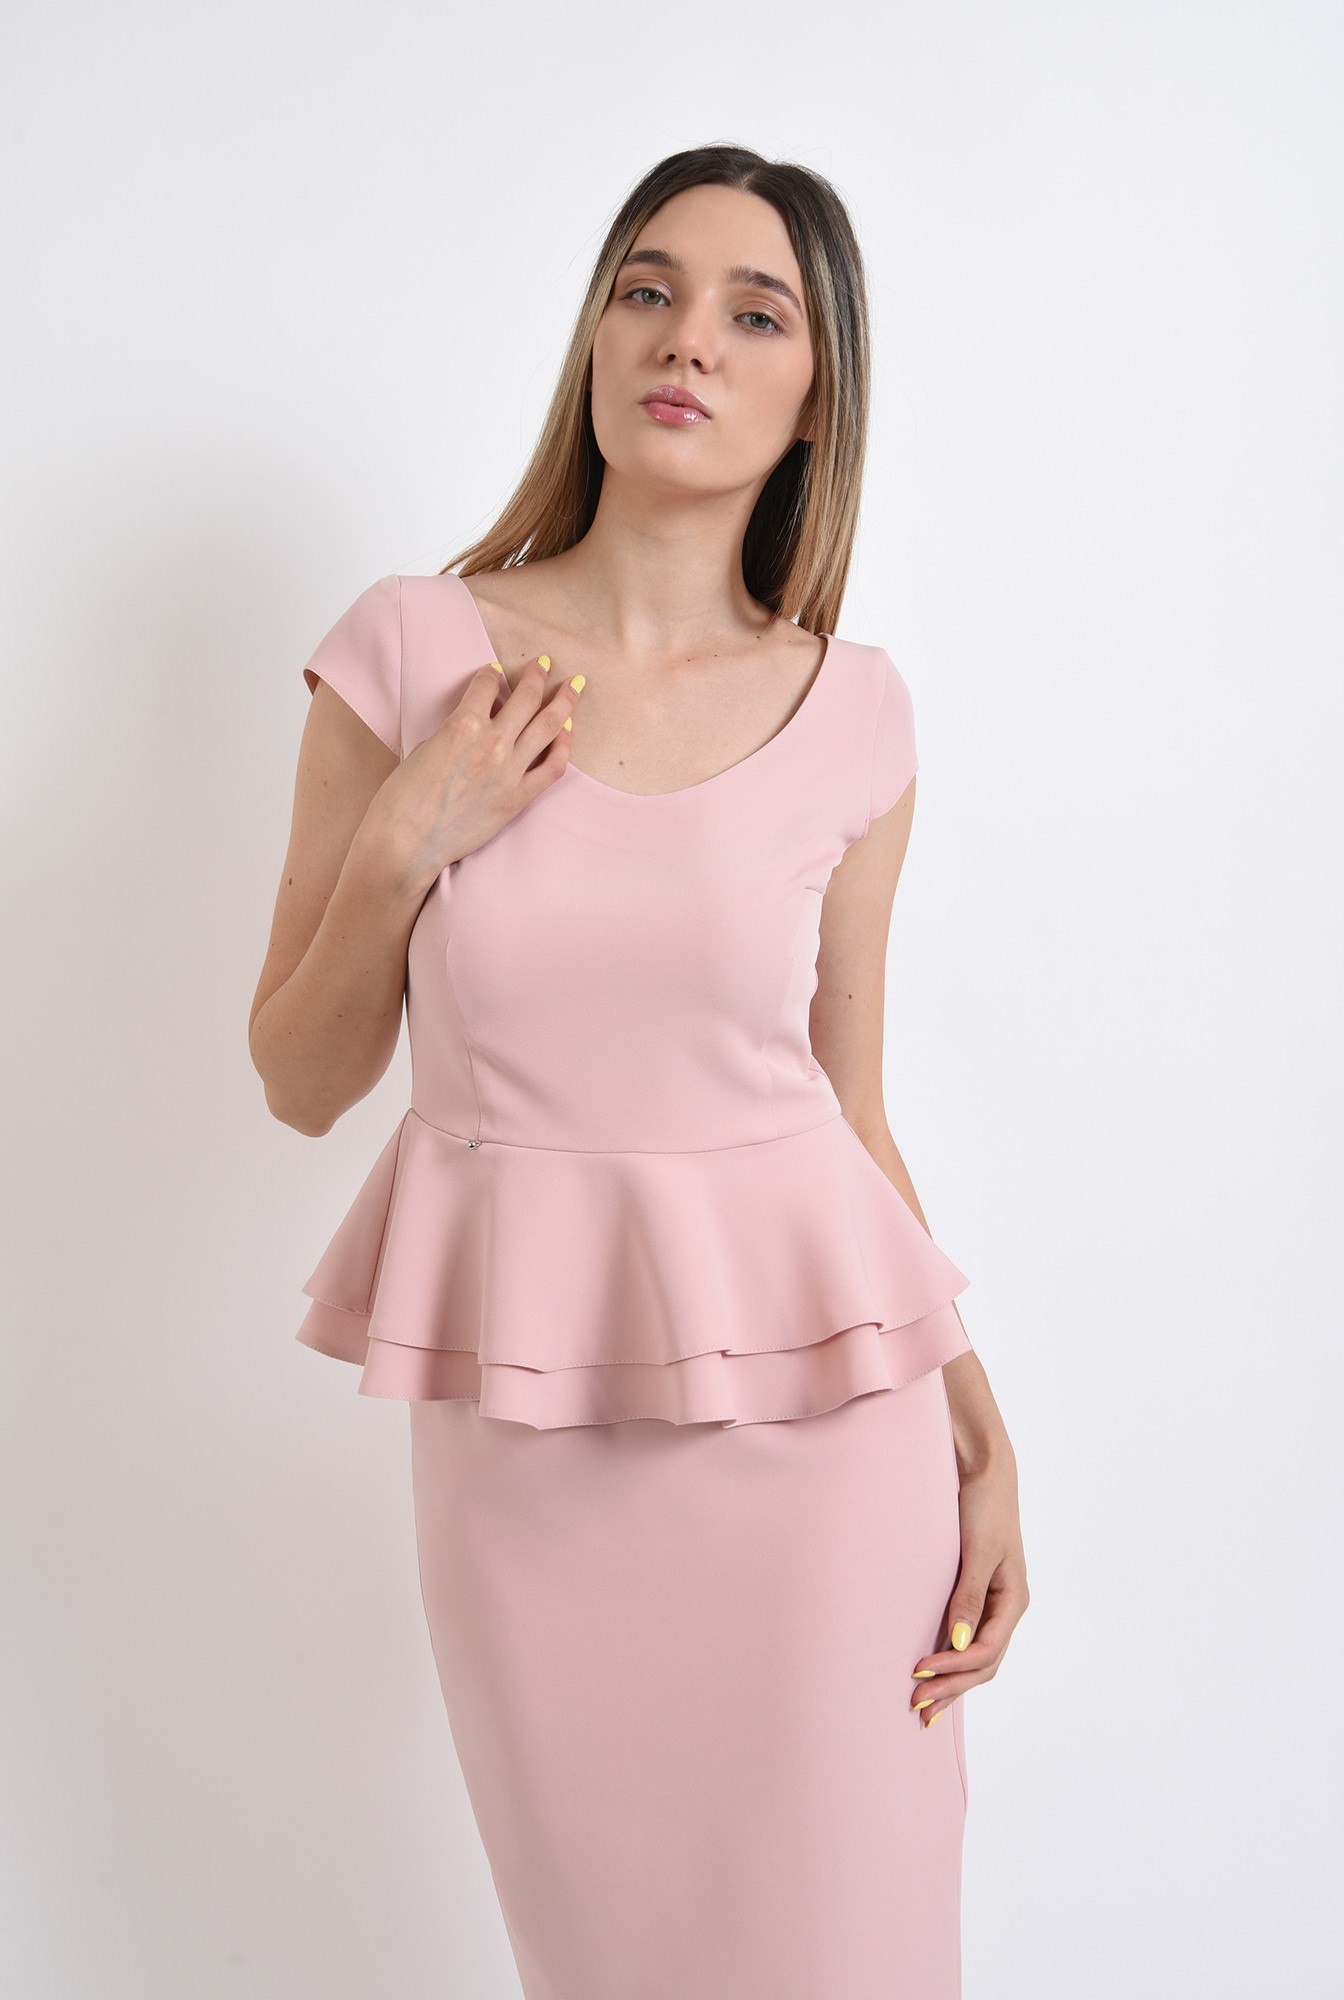 2 - compleu roz, fusta midi, top cu peplum, compleu elegant